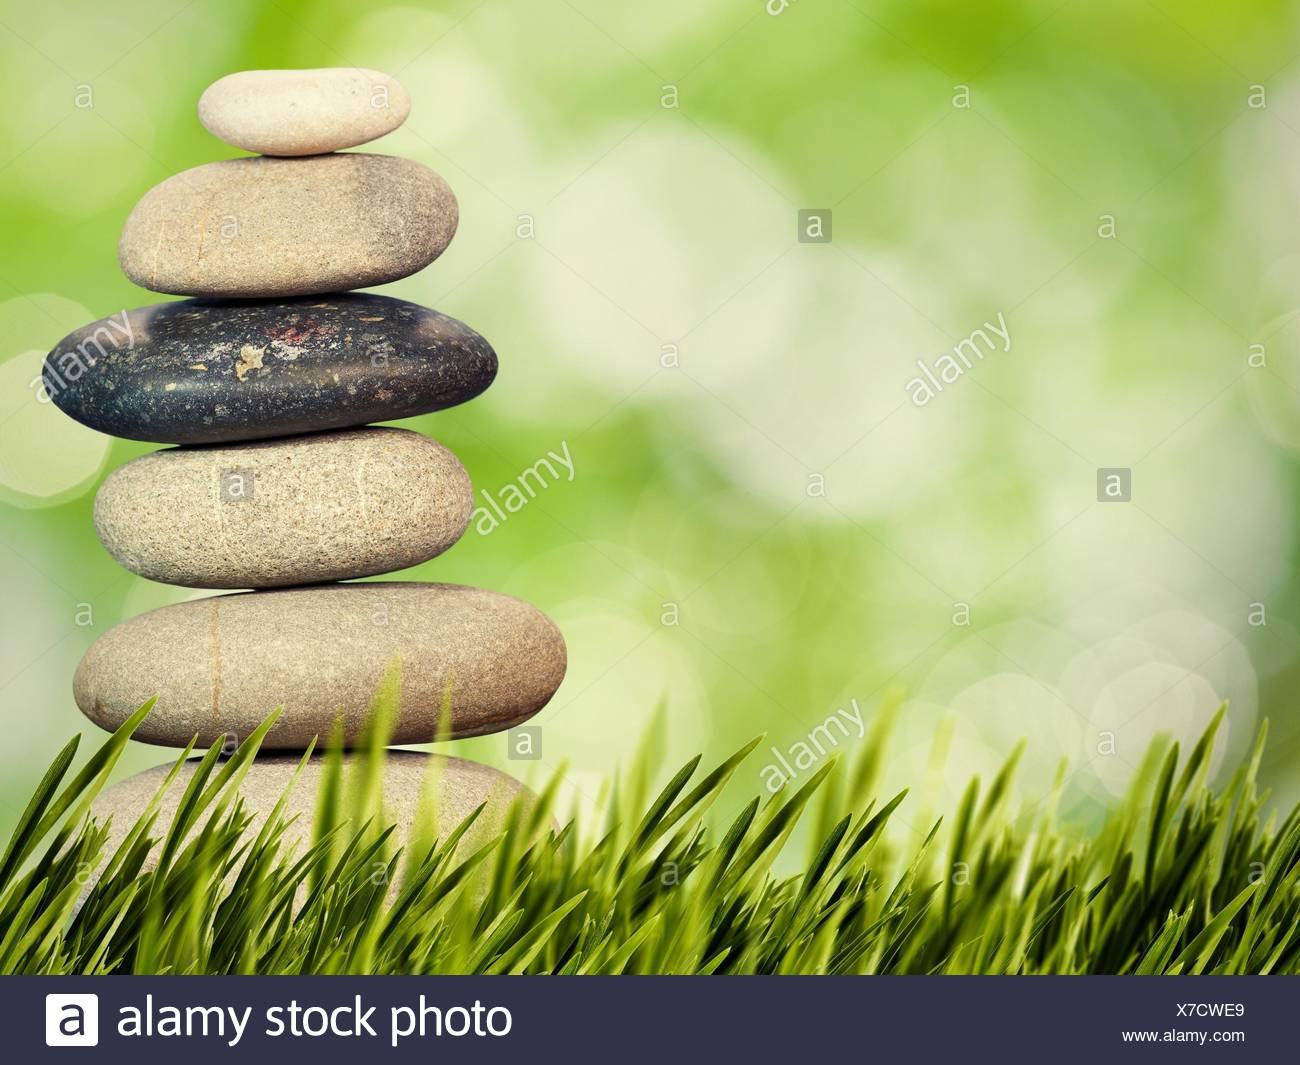 Wellness, Gesundheit und natürliche Harmonie Konzept. Abstrakte natürlicher Herkunft. Stockbild